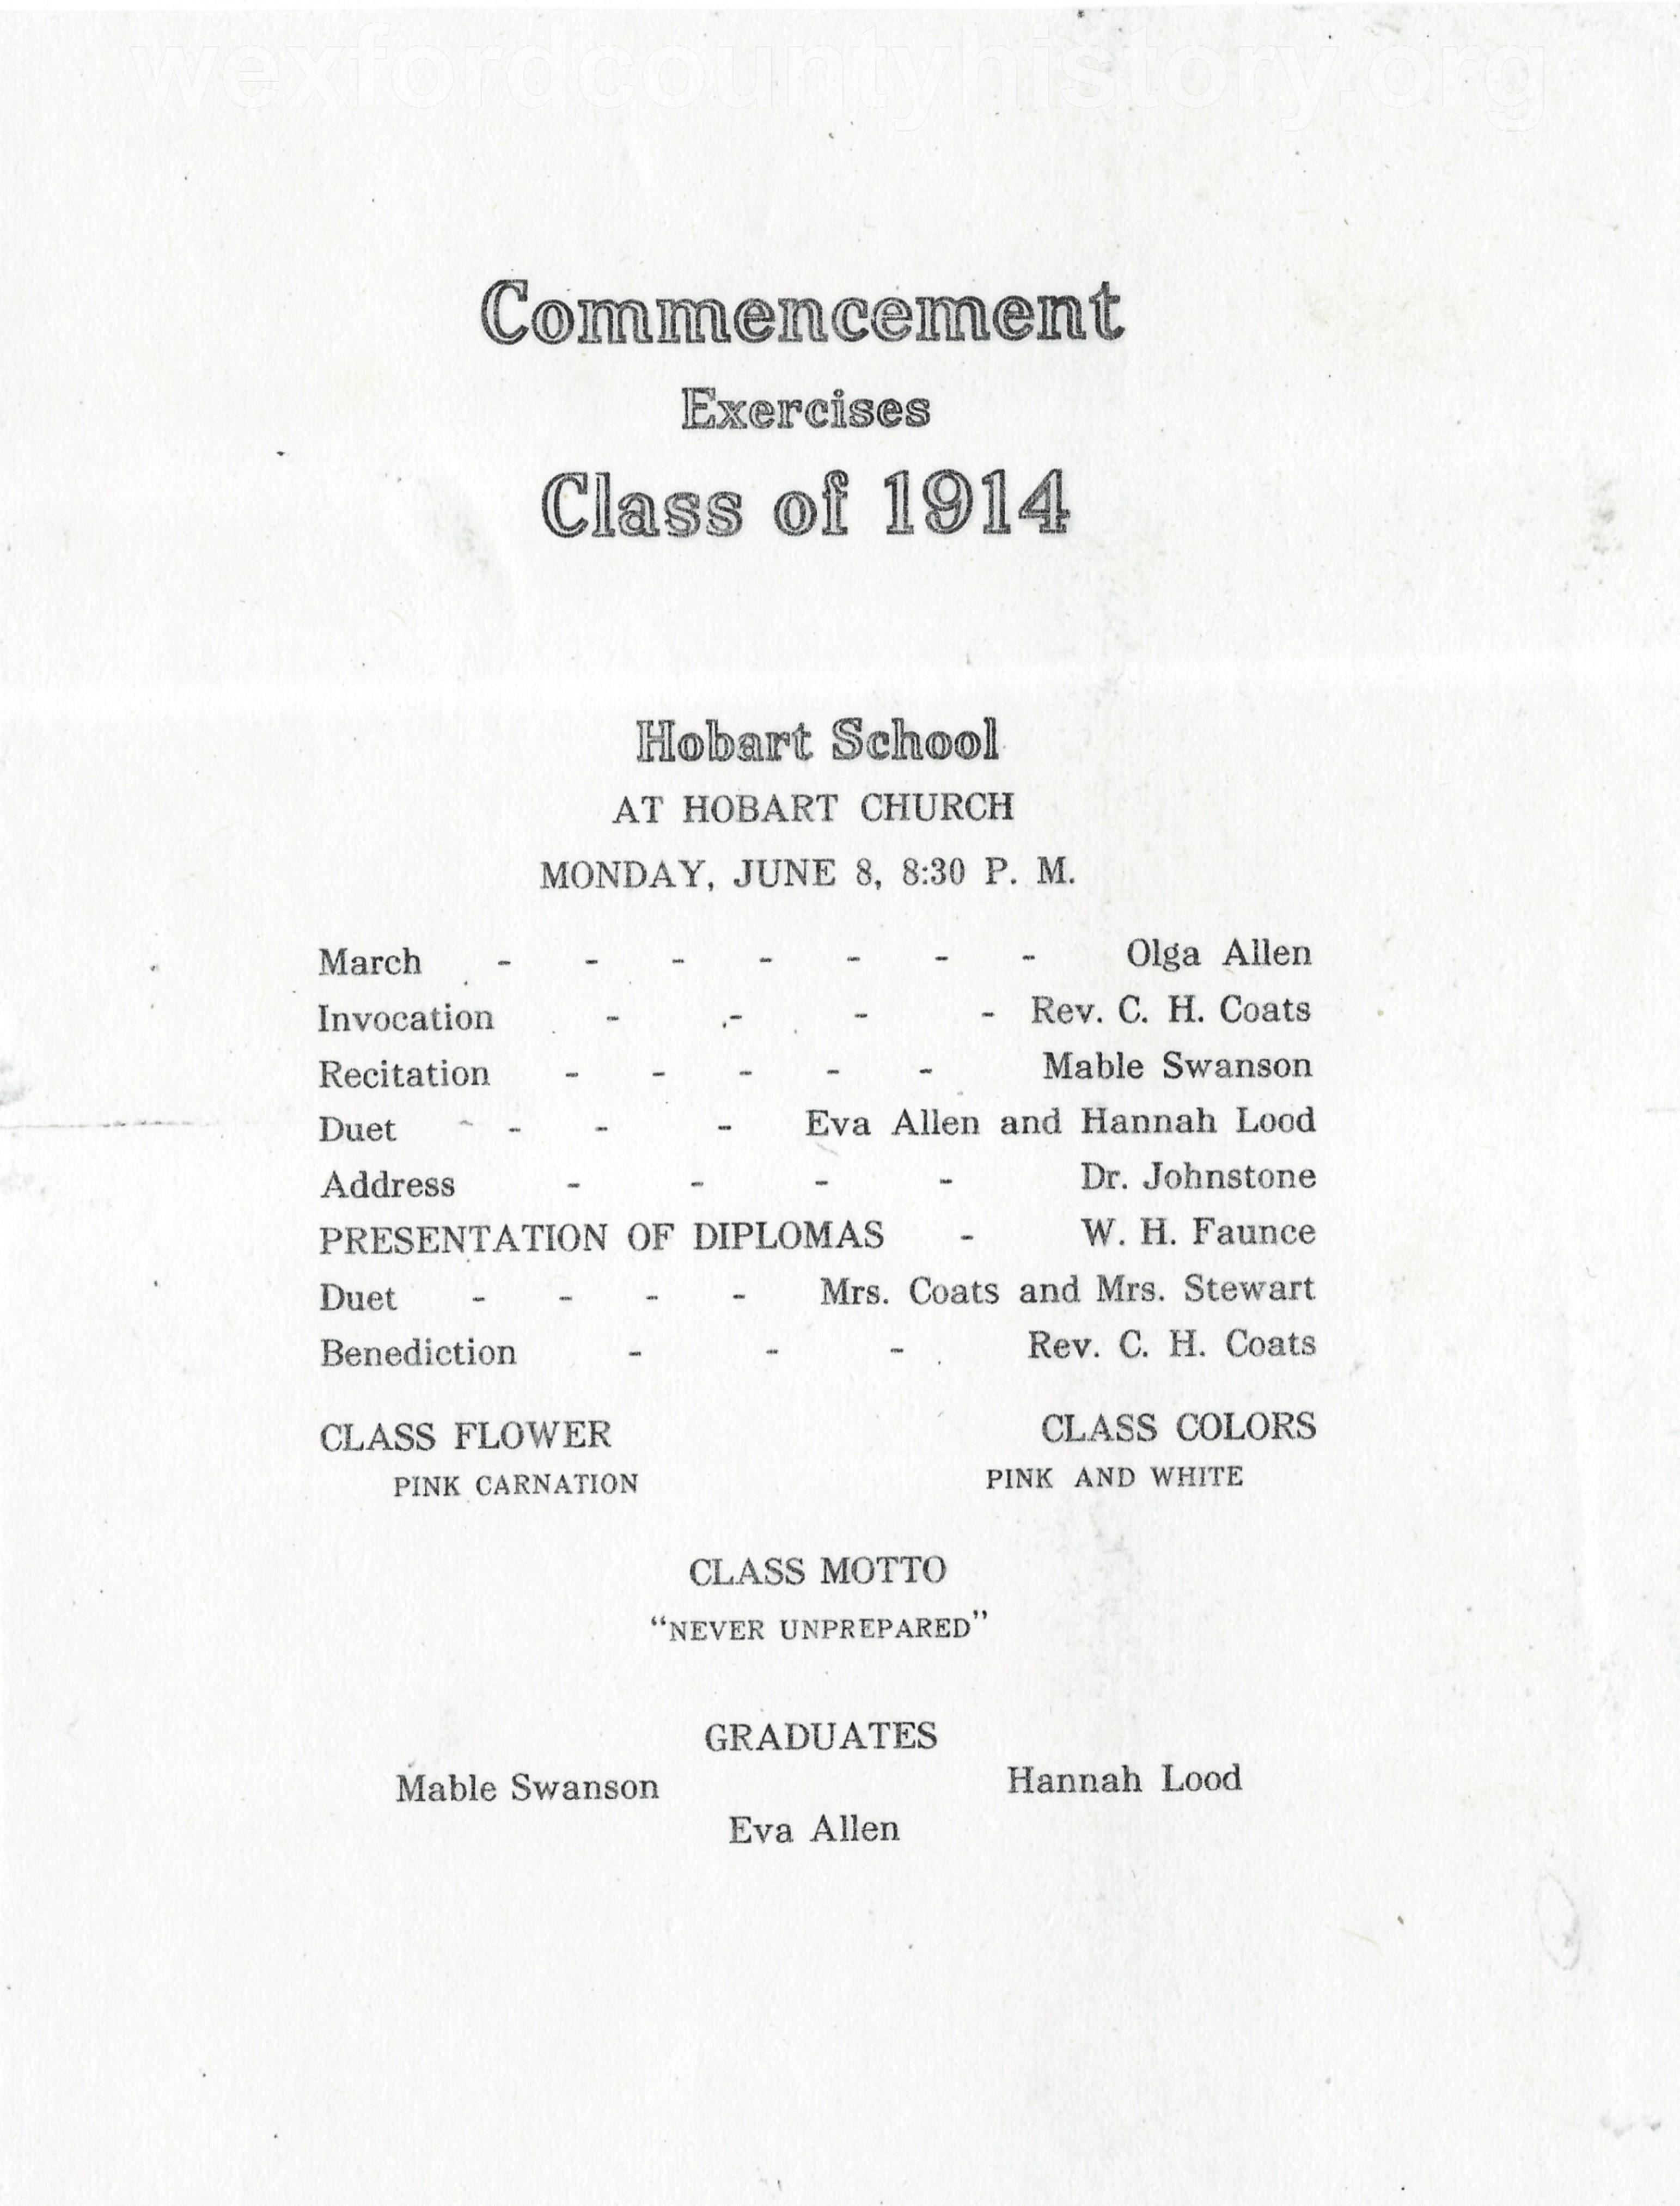 Hobart School, 1914